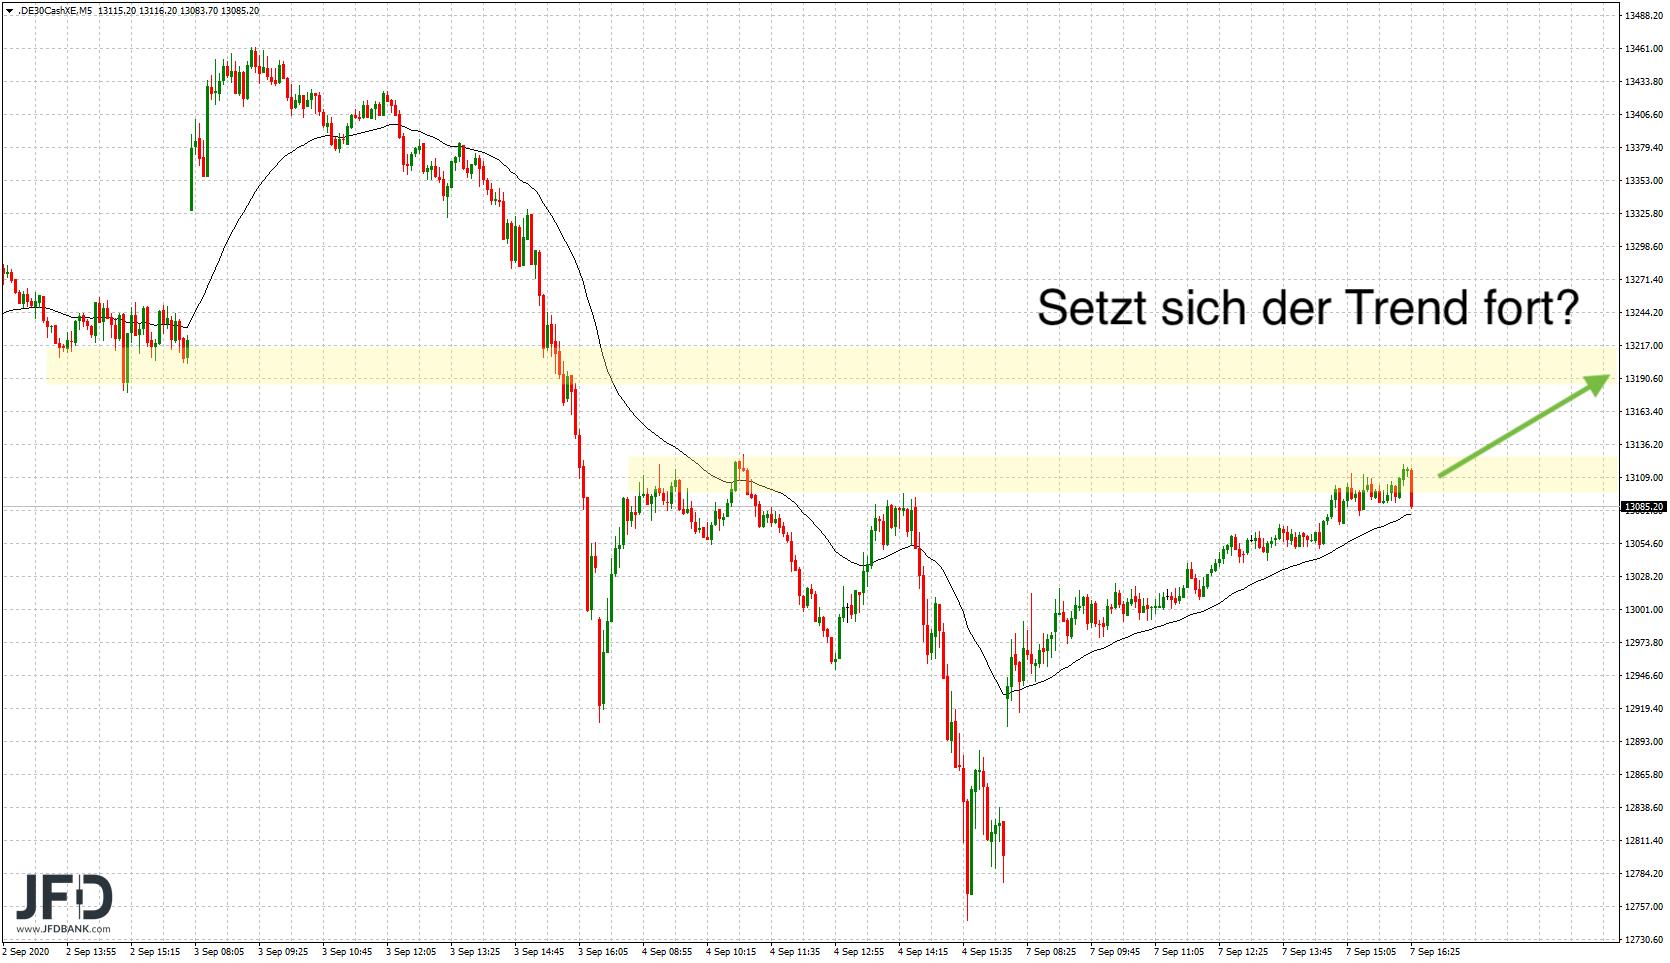 Auf-Schwäche-folgt-Stärke-und-erneute-Schwäche-DAX-bleibt-unentschlossen-Kommentar-JFD-Bank-GodmodeTrader.de-1